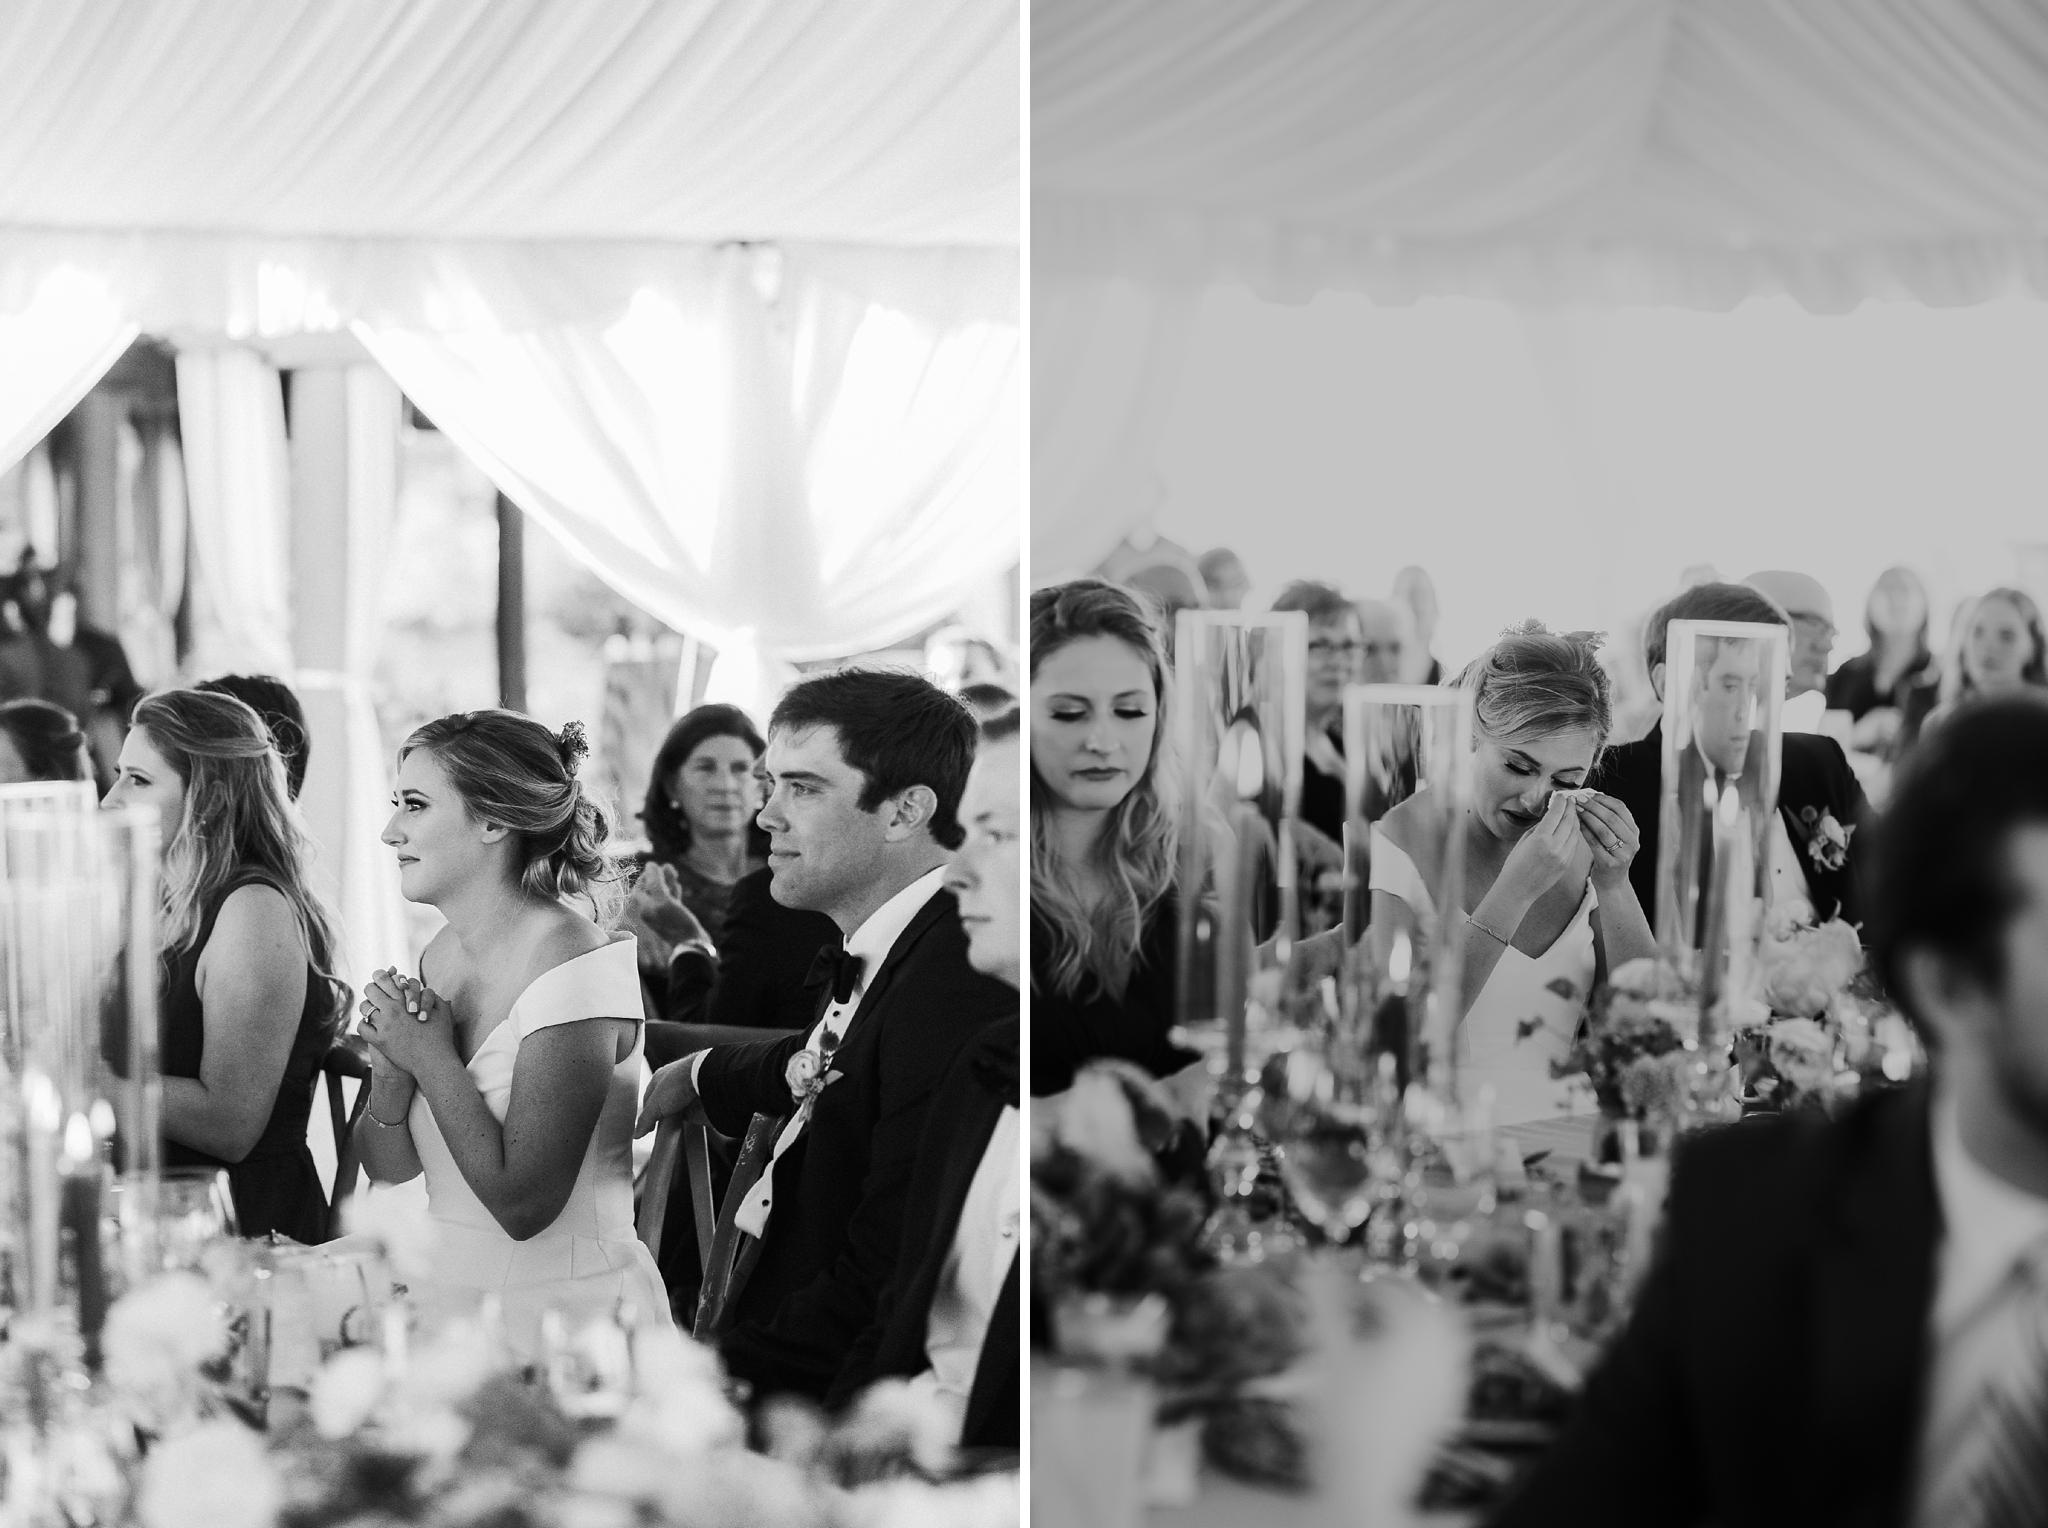 Alicia+lucia+photography+-+albuquerque+wedding+photographer+-+santa+fe+wedding+photography+-+new+mexico+wedding+photographer+-+new+mexico+wedding+-+las+campanas+wedding+-+santa+fe+wedding+-+maximalist+wedding+-+destination+wedding_0144.jpg